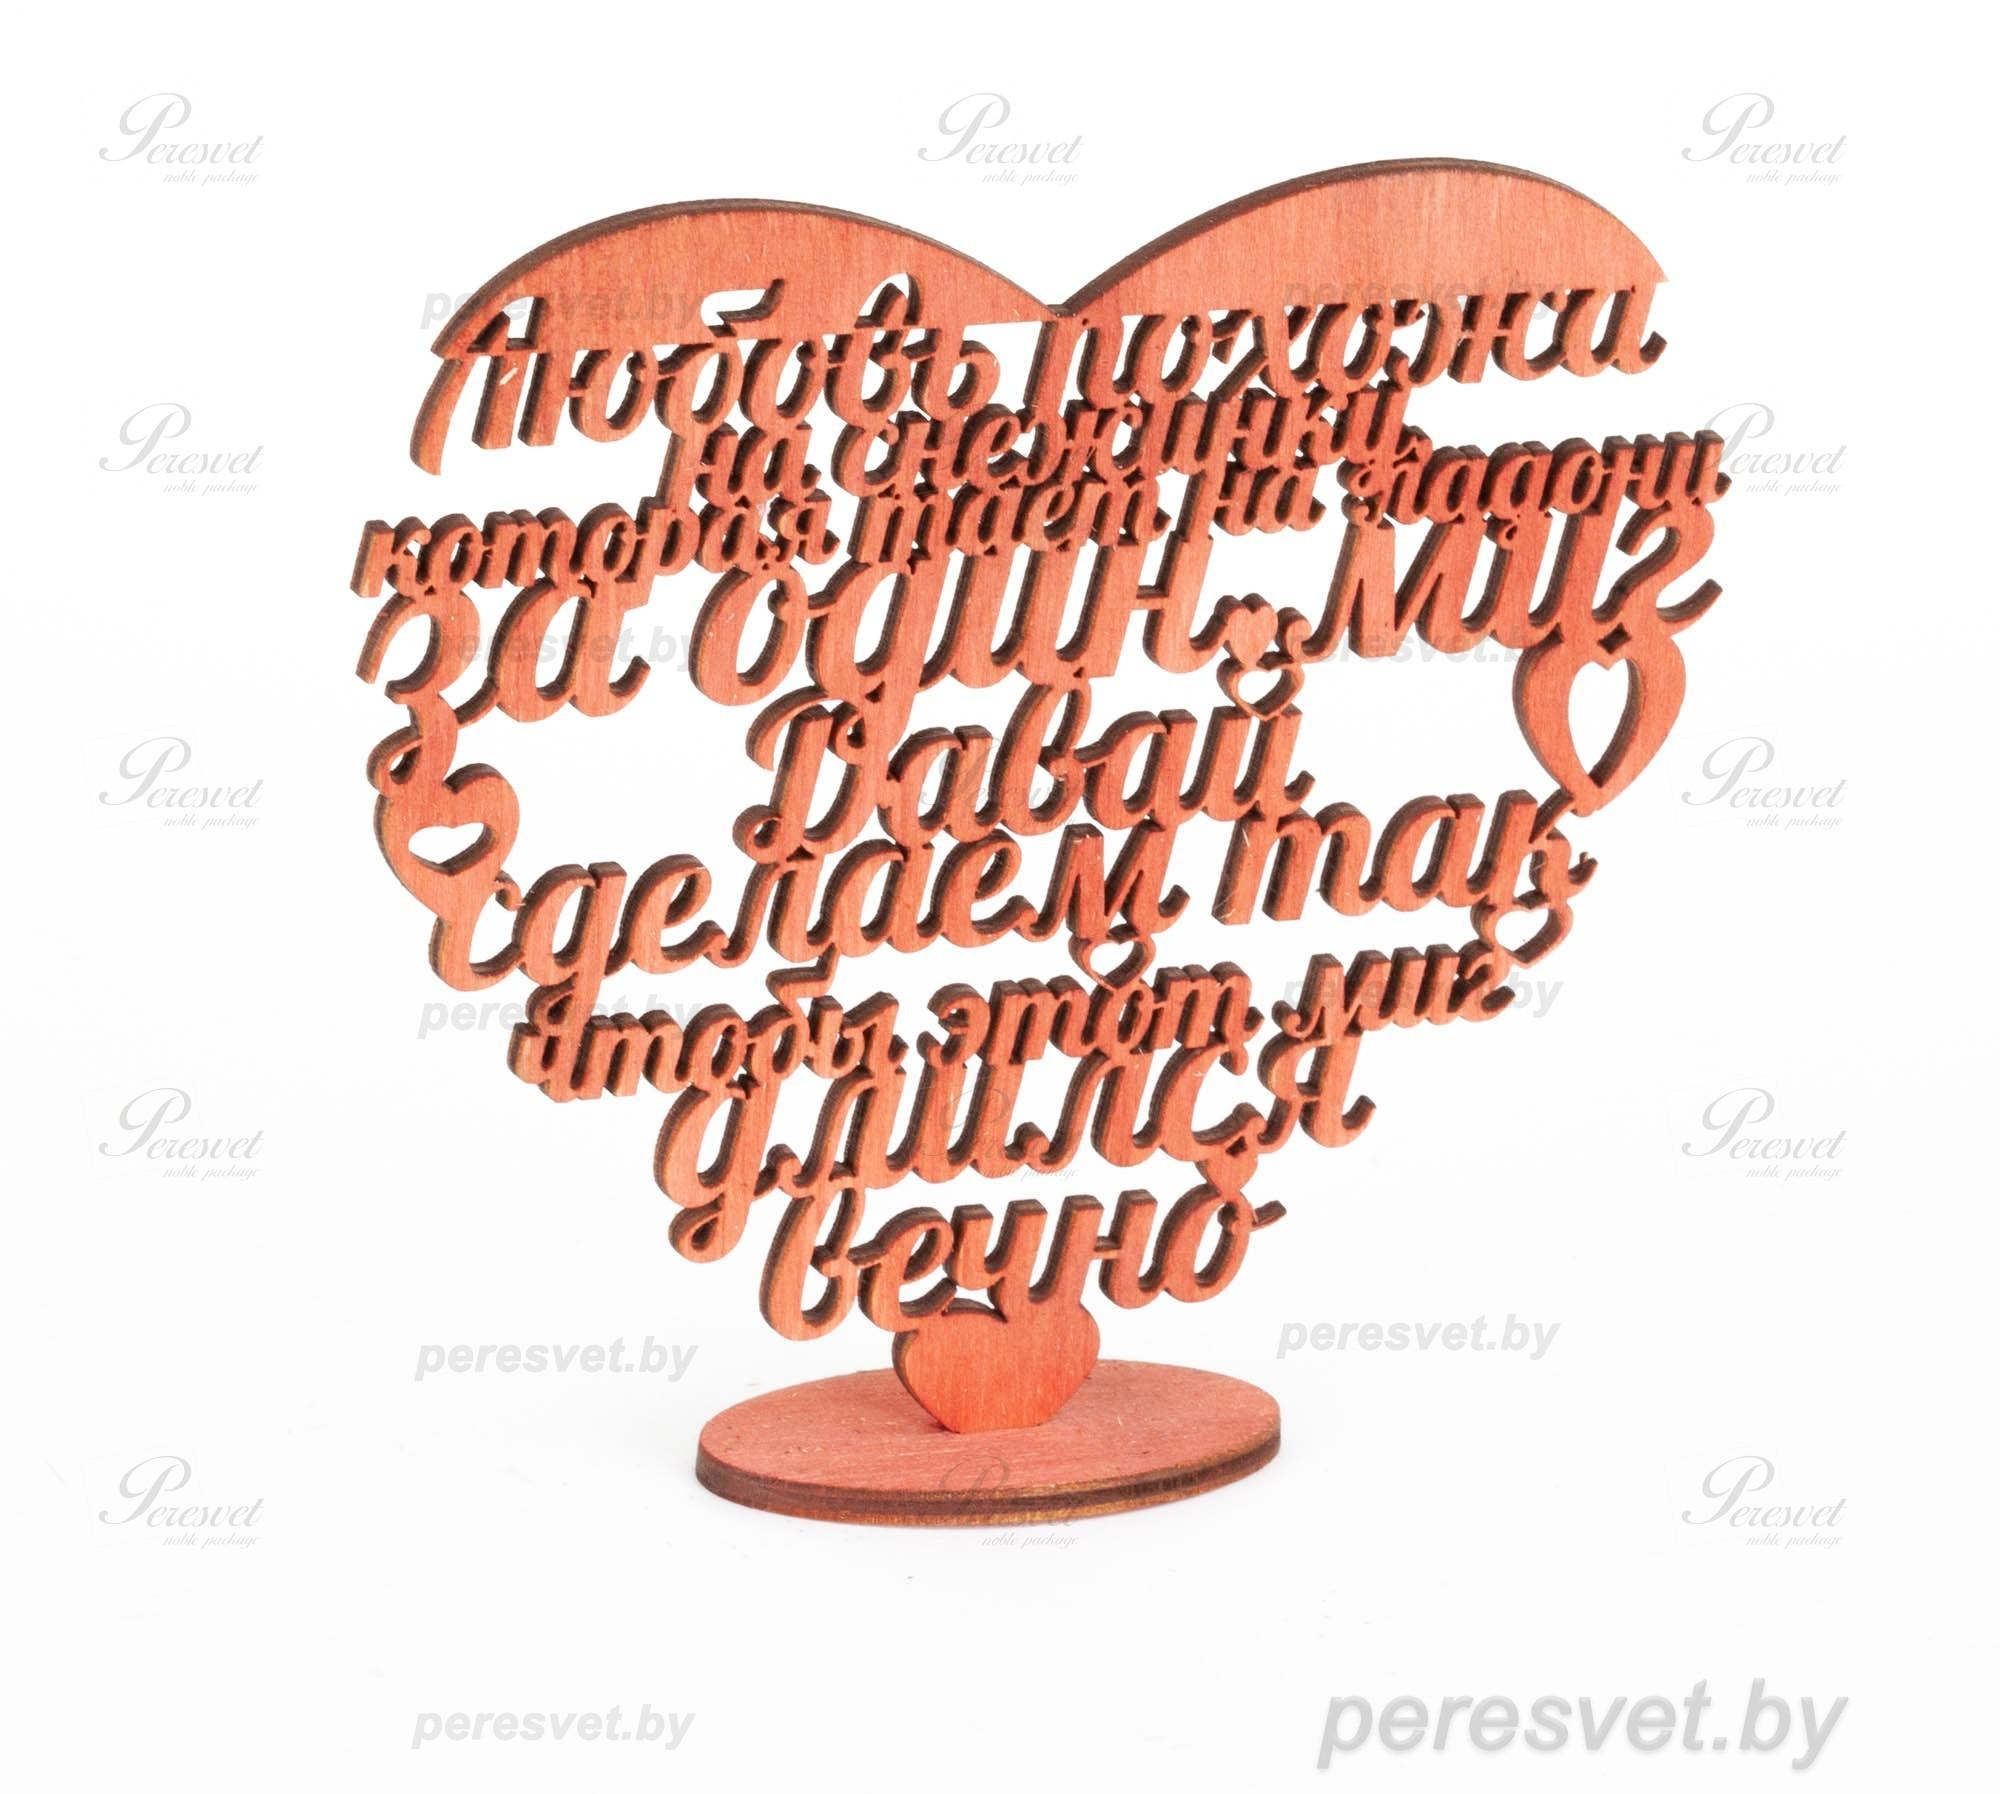 Сердце красное на подставке из дерева в подарок на peresvet.by